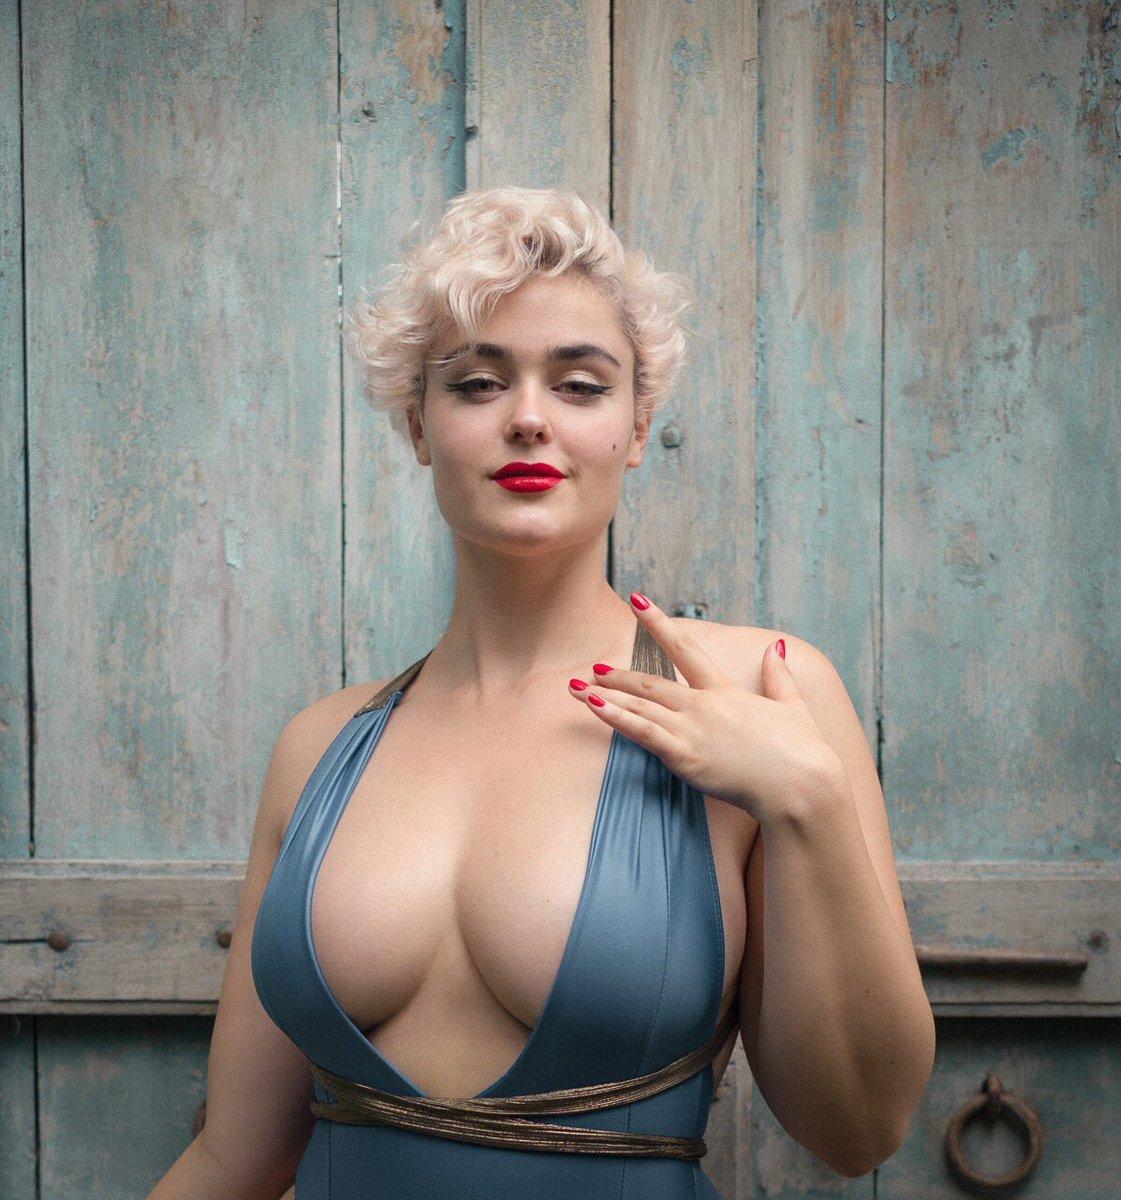 Sideboobs Stefania Ferrario nude photos 2019